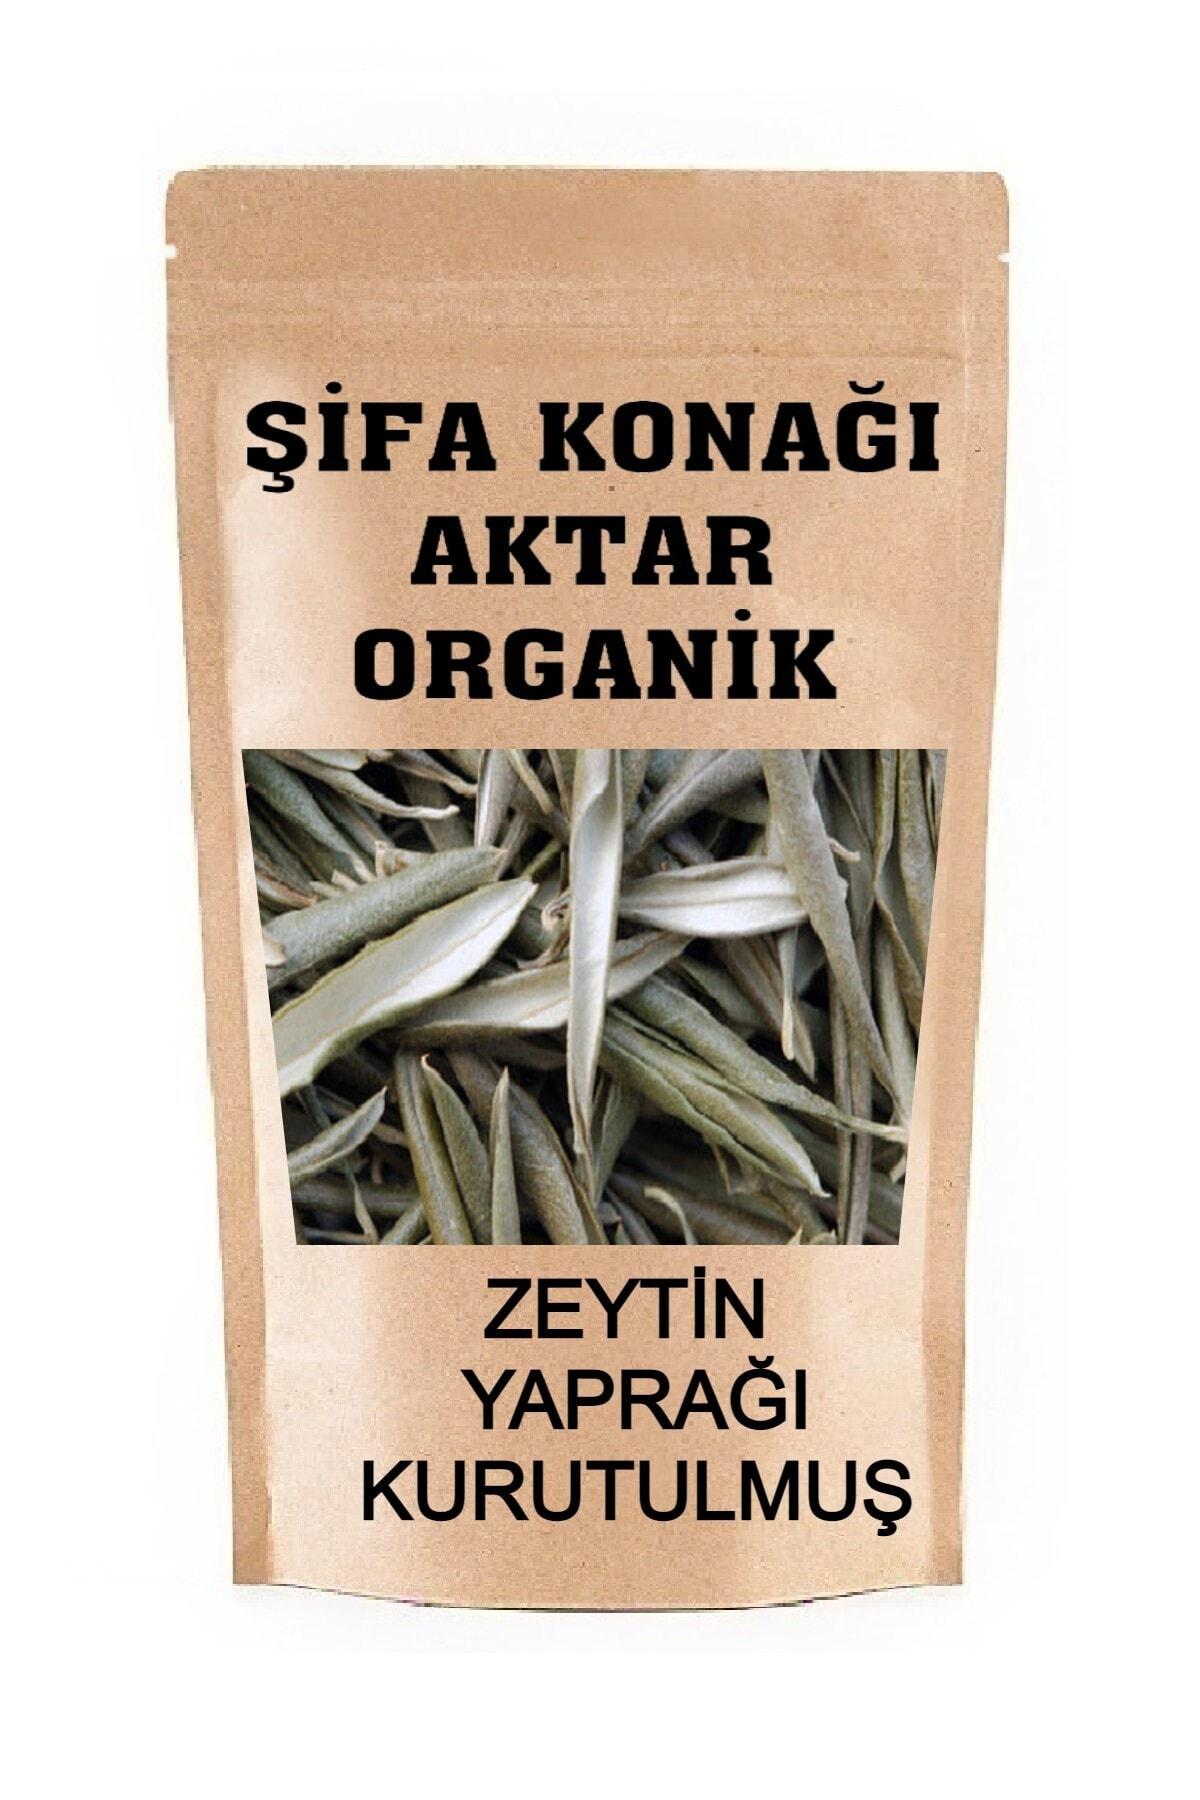 ŞifaKonağı Aktar Organik Zeytin Yaprağı Doğal Zirai Iaç Atığı Yoktur Şifaen Kullanım 500 gr 1